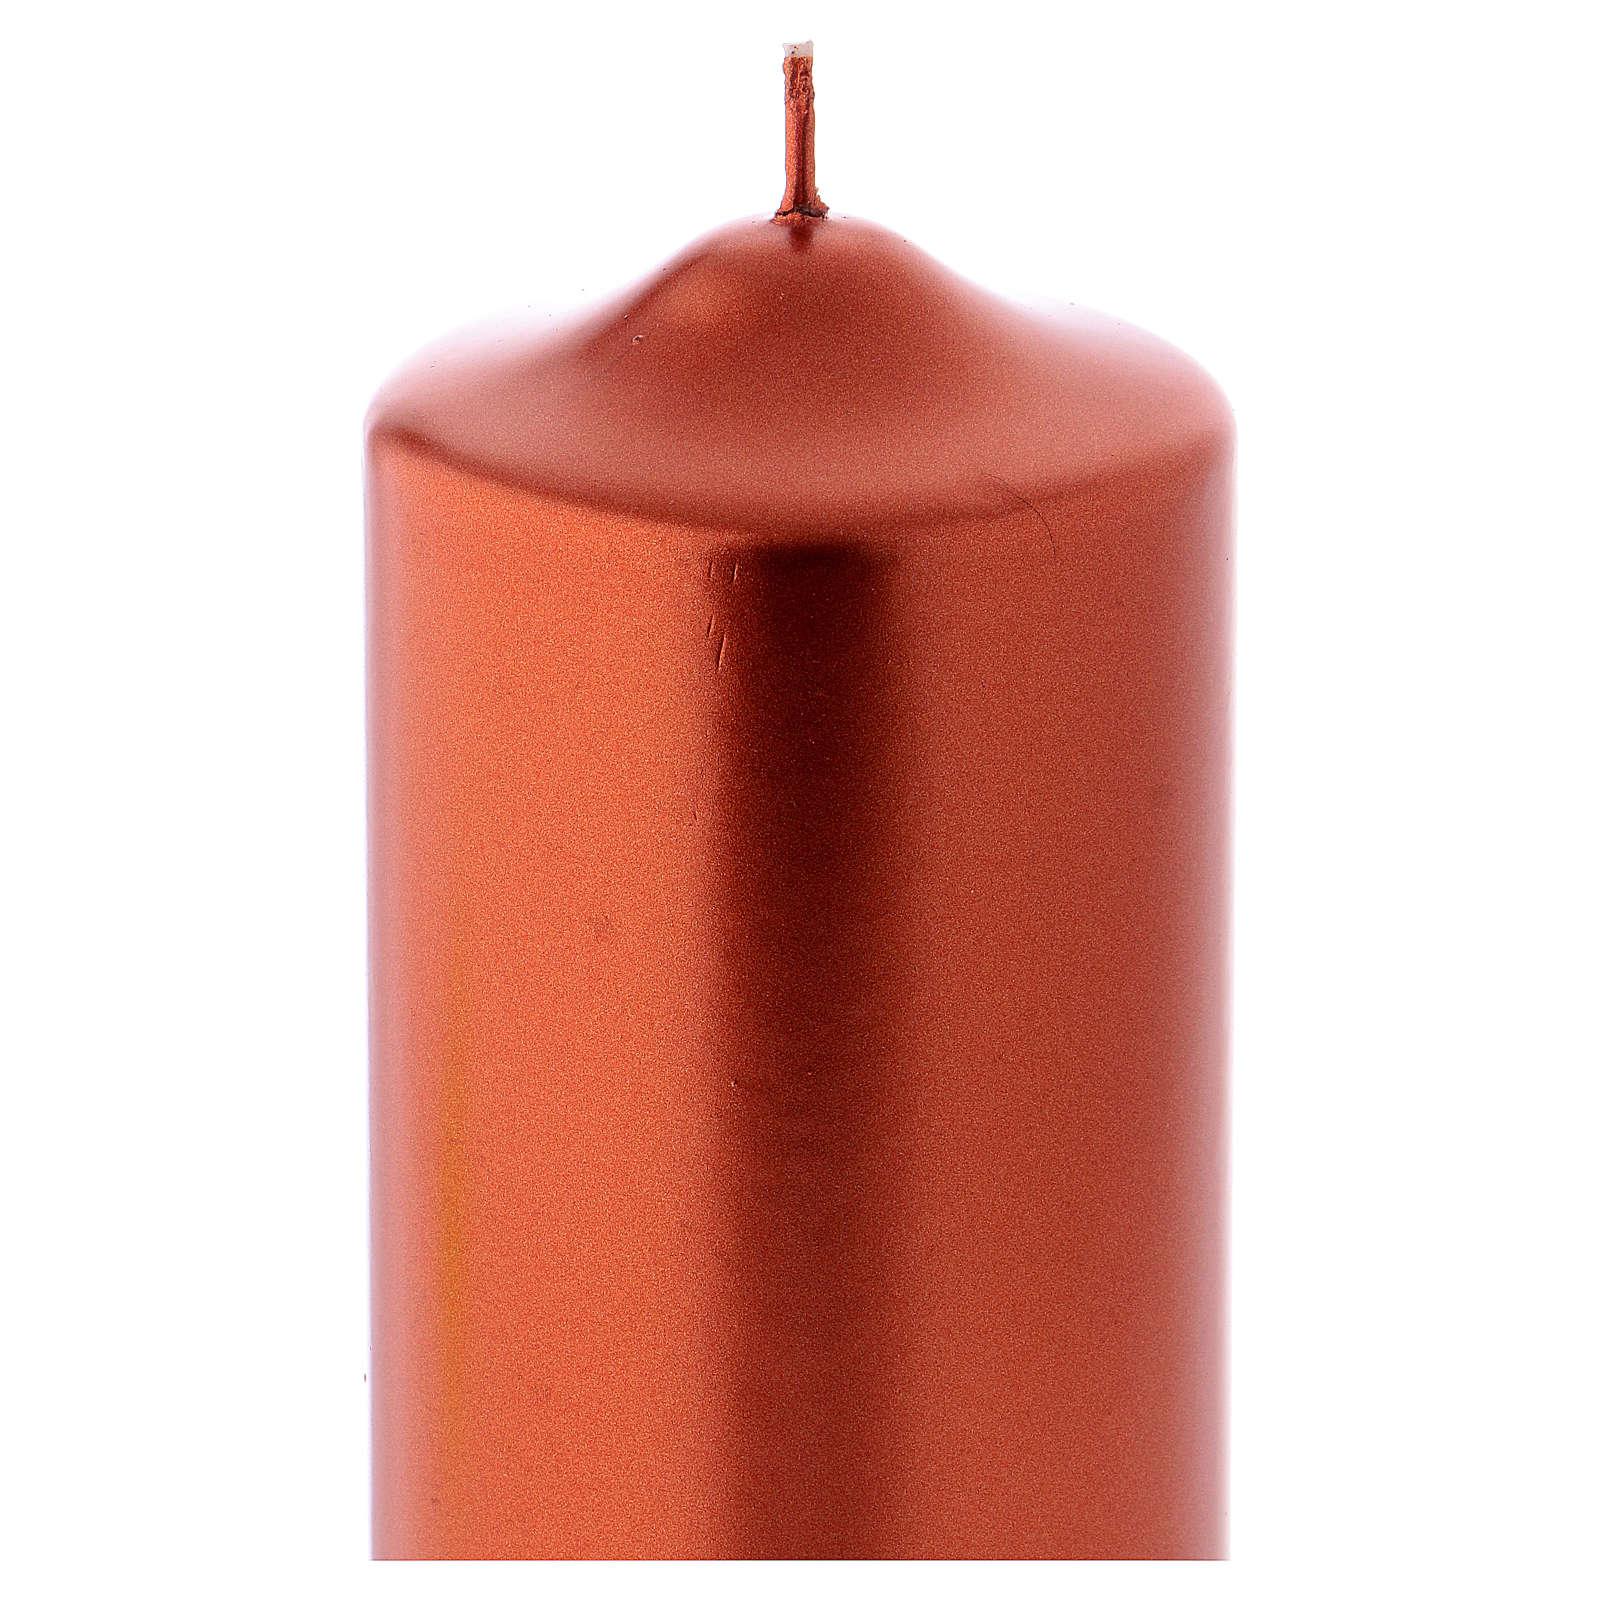 Świeczka bożonarodzeniowa kolor metaliczny Ceralacca 24x8 cm miedziany 3